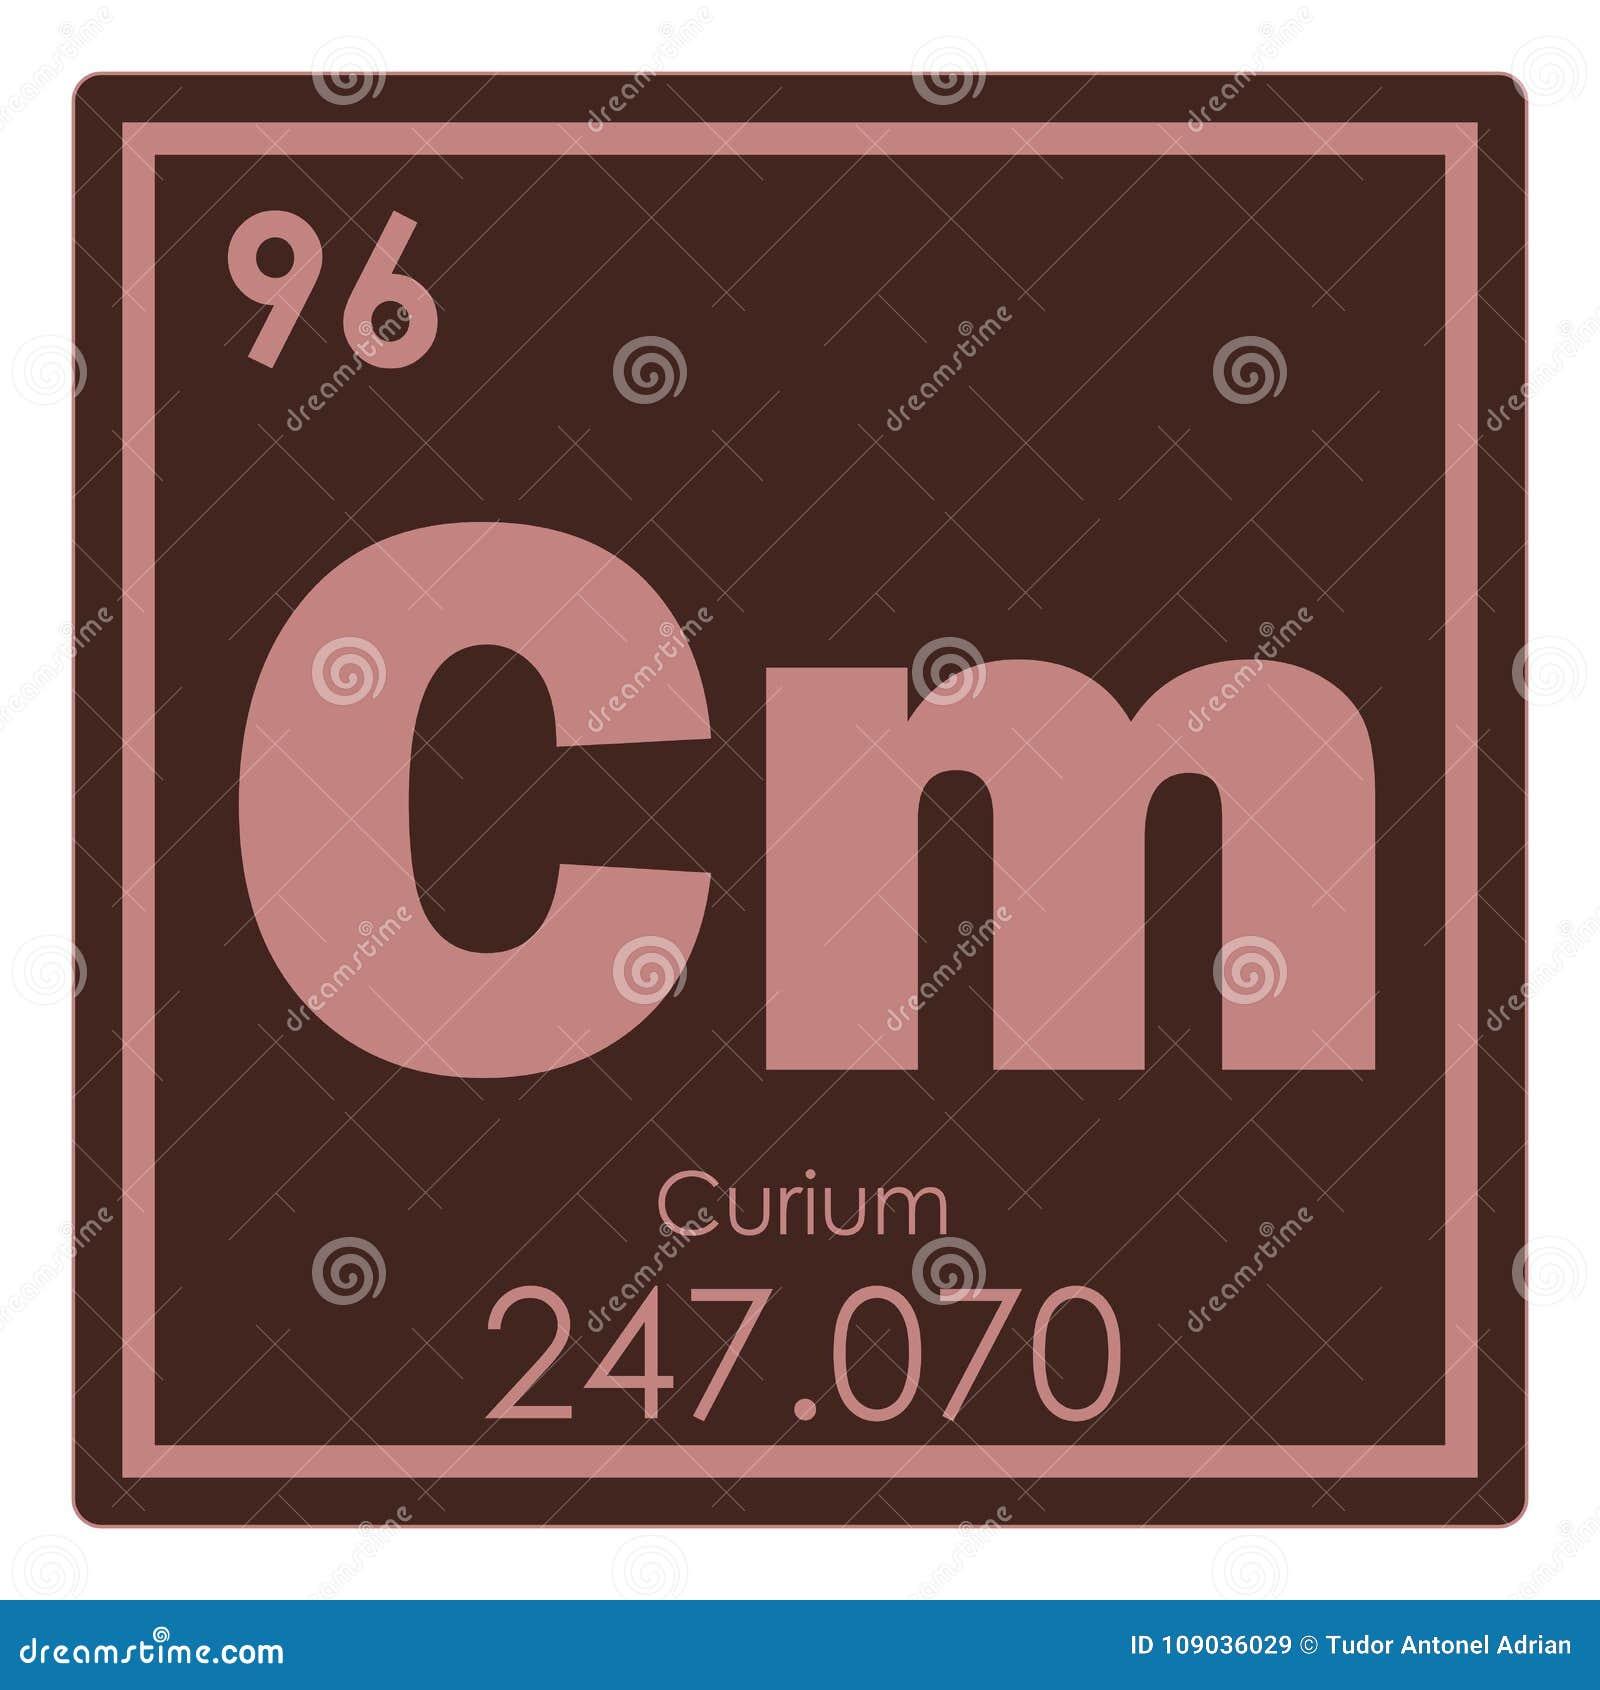 Curium Chemical Element Stock Illustration Illustration Of Curium